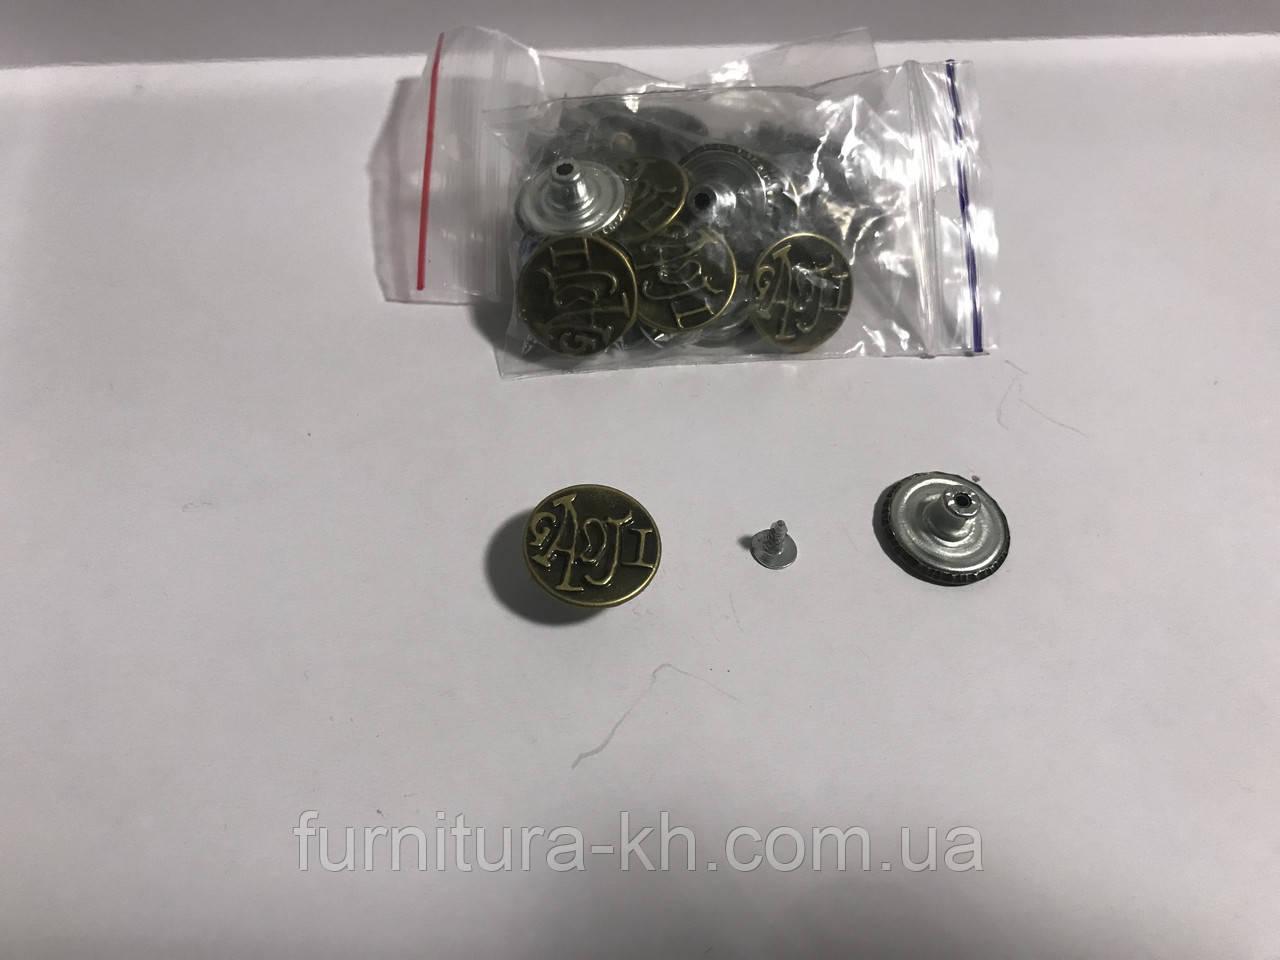 Джинсовые пуговицы (диаметр 20 мм) в уп 10шт